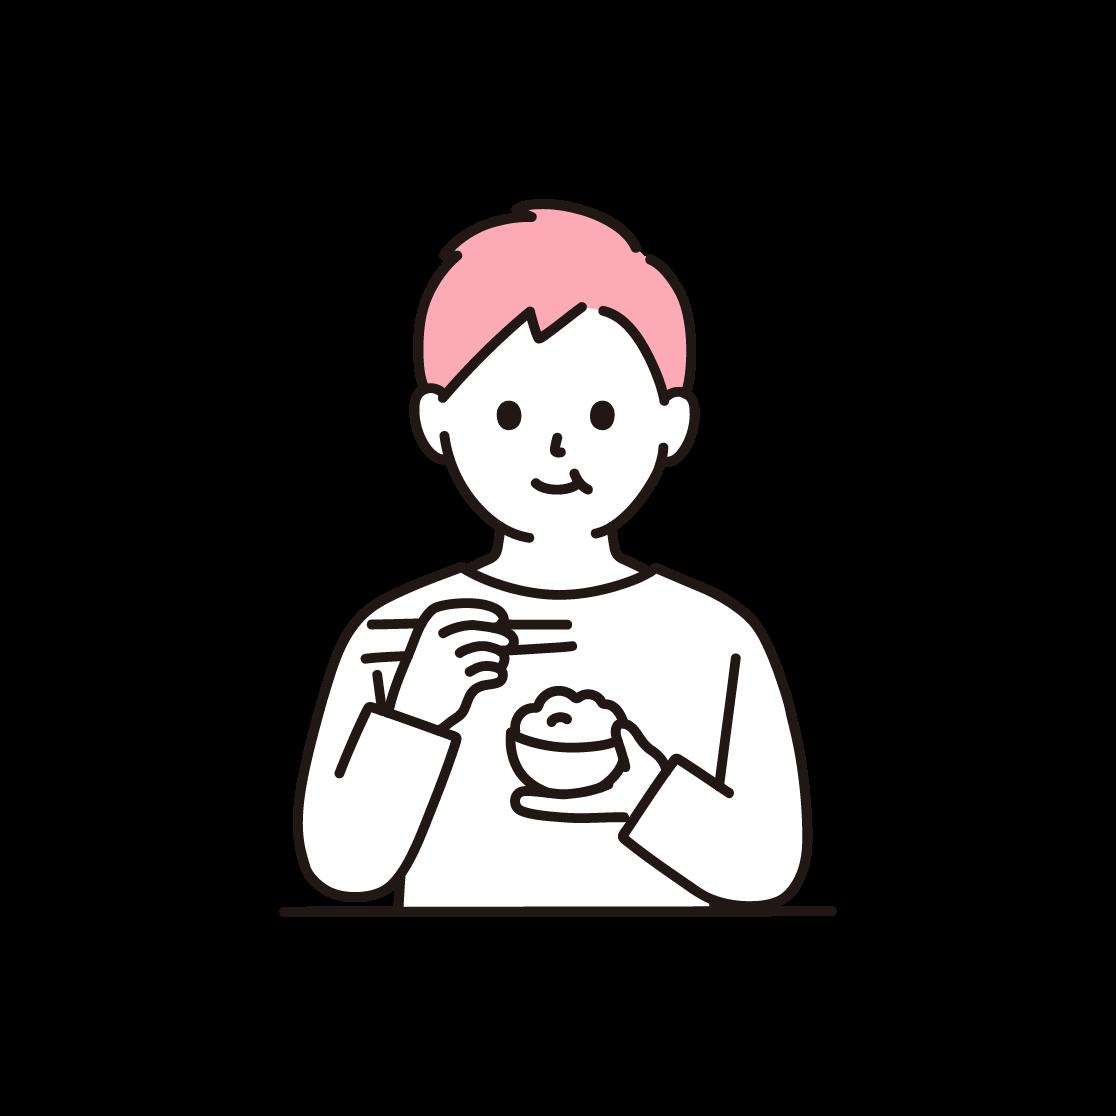 食事をする男性の単色イラスト